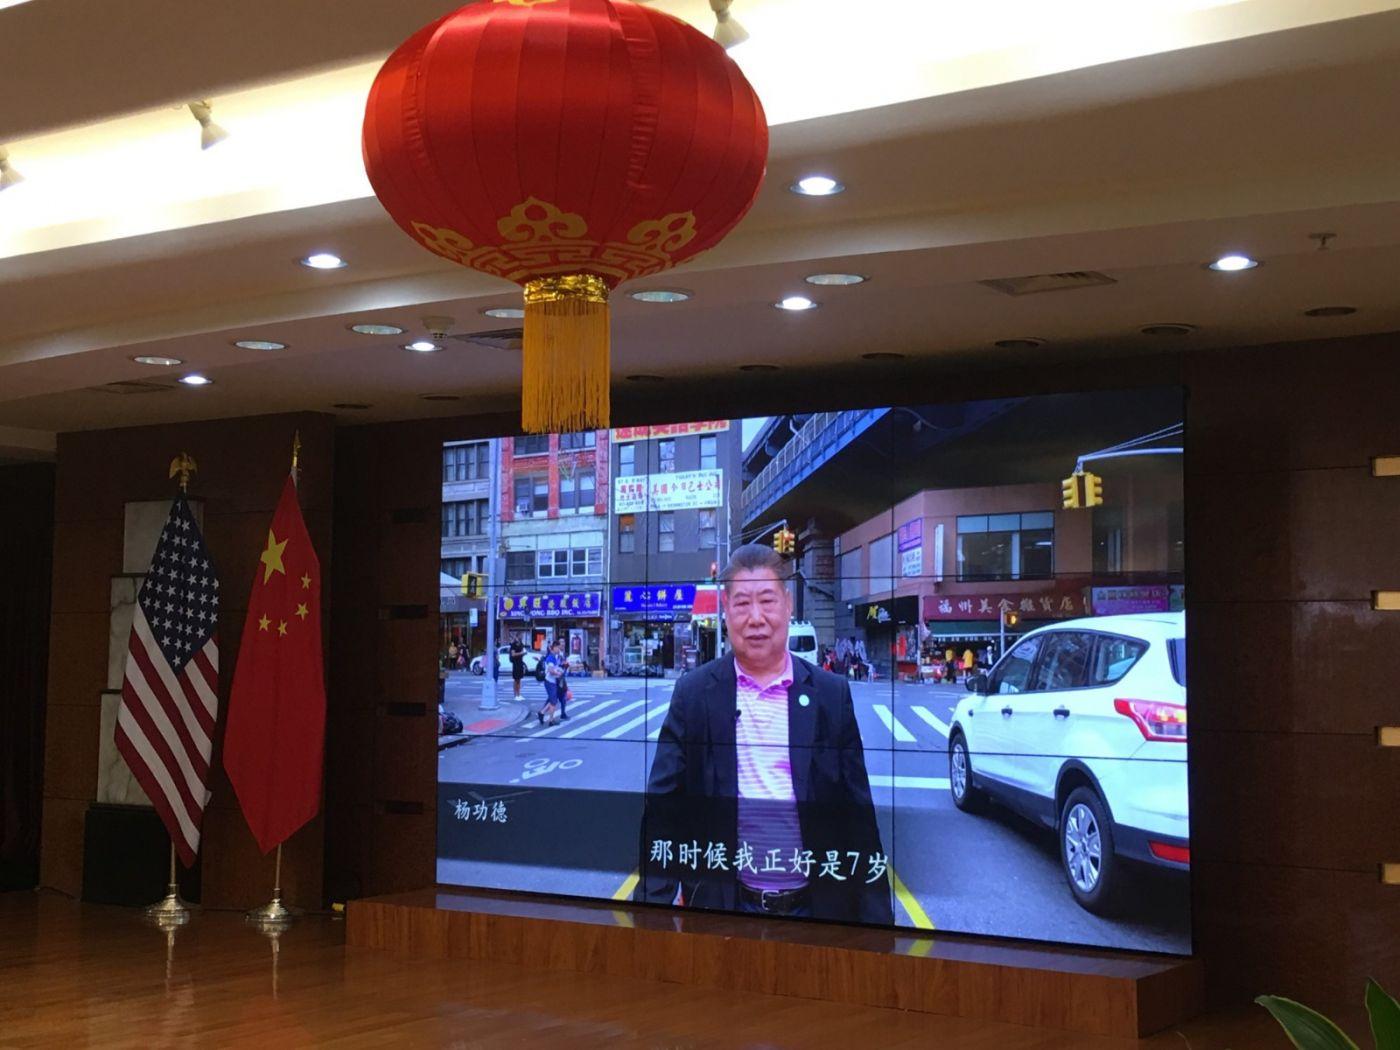 中国驻纽约总领事馆舉辦庆祝建国70周年招待會_图1-13